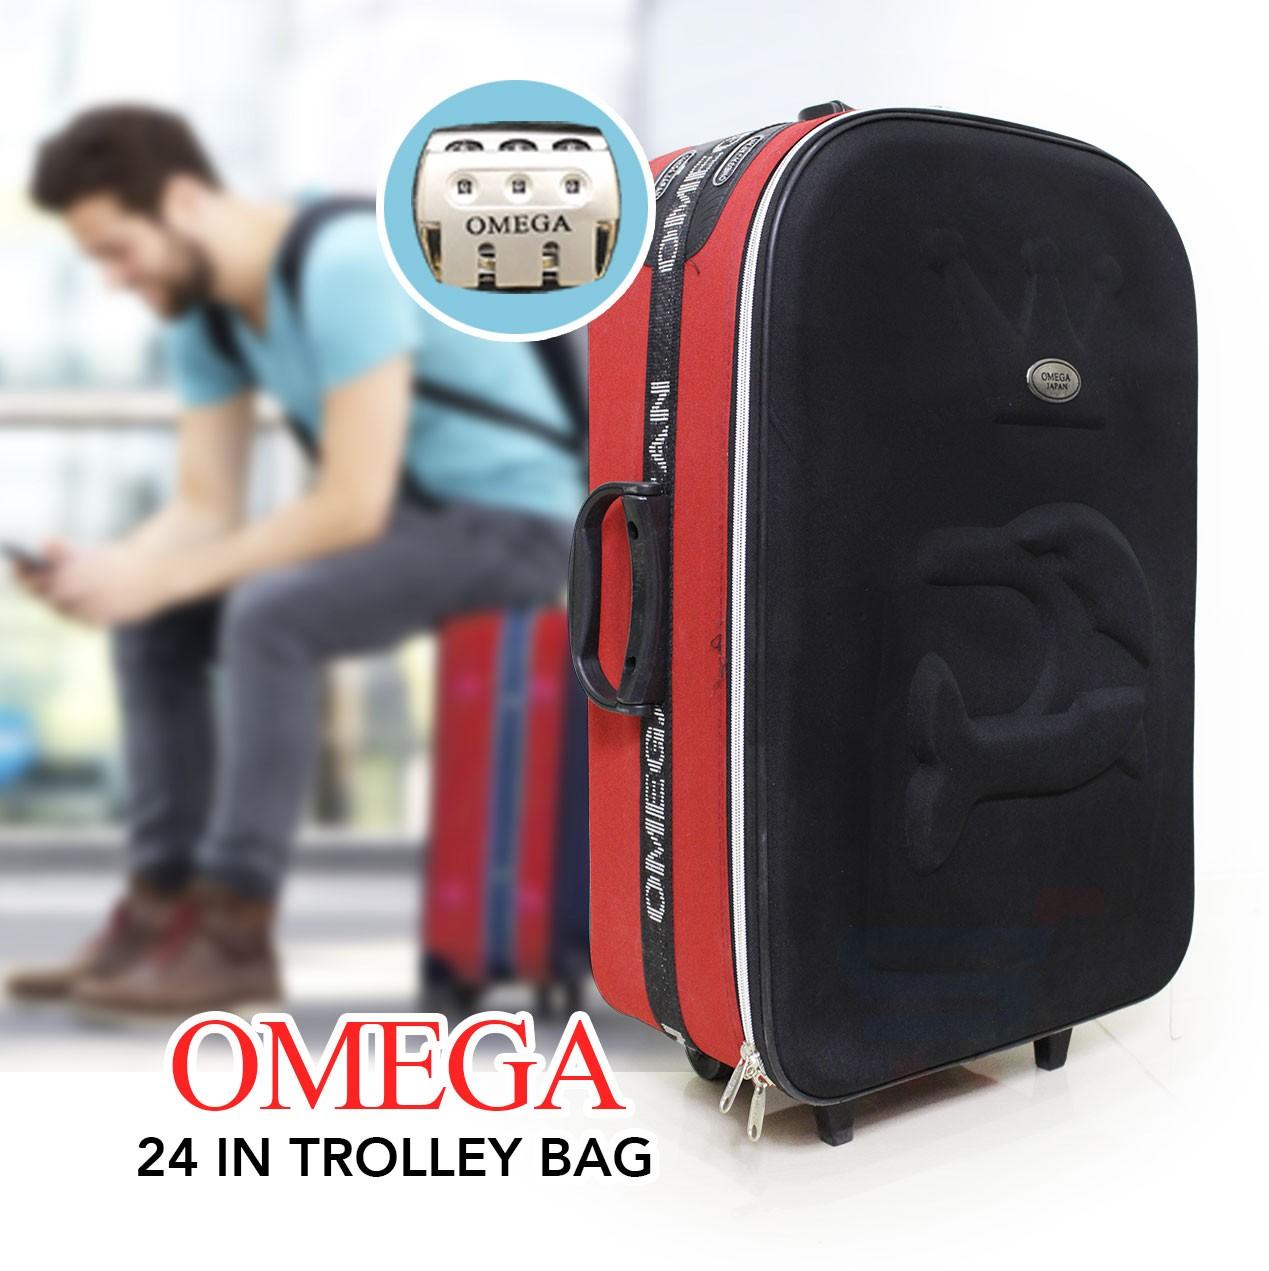 Omega 24 inch Trolley Black